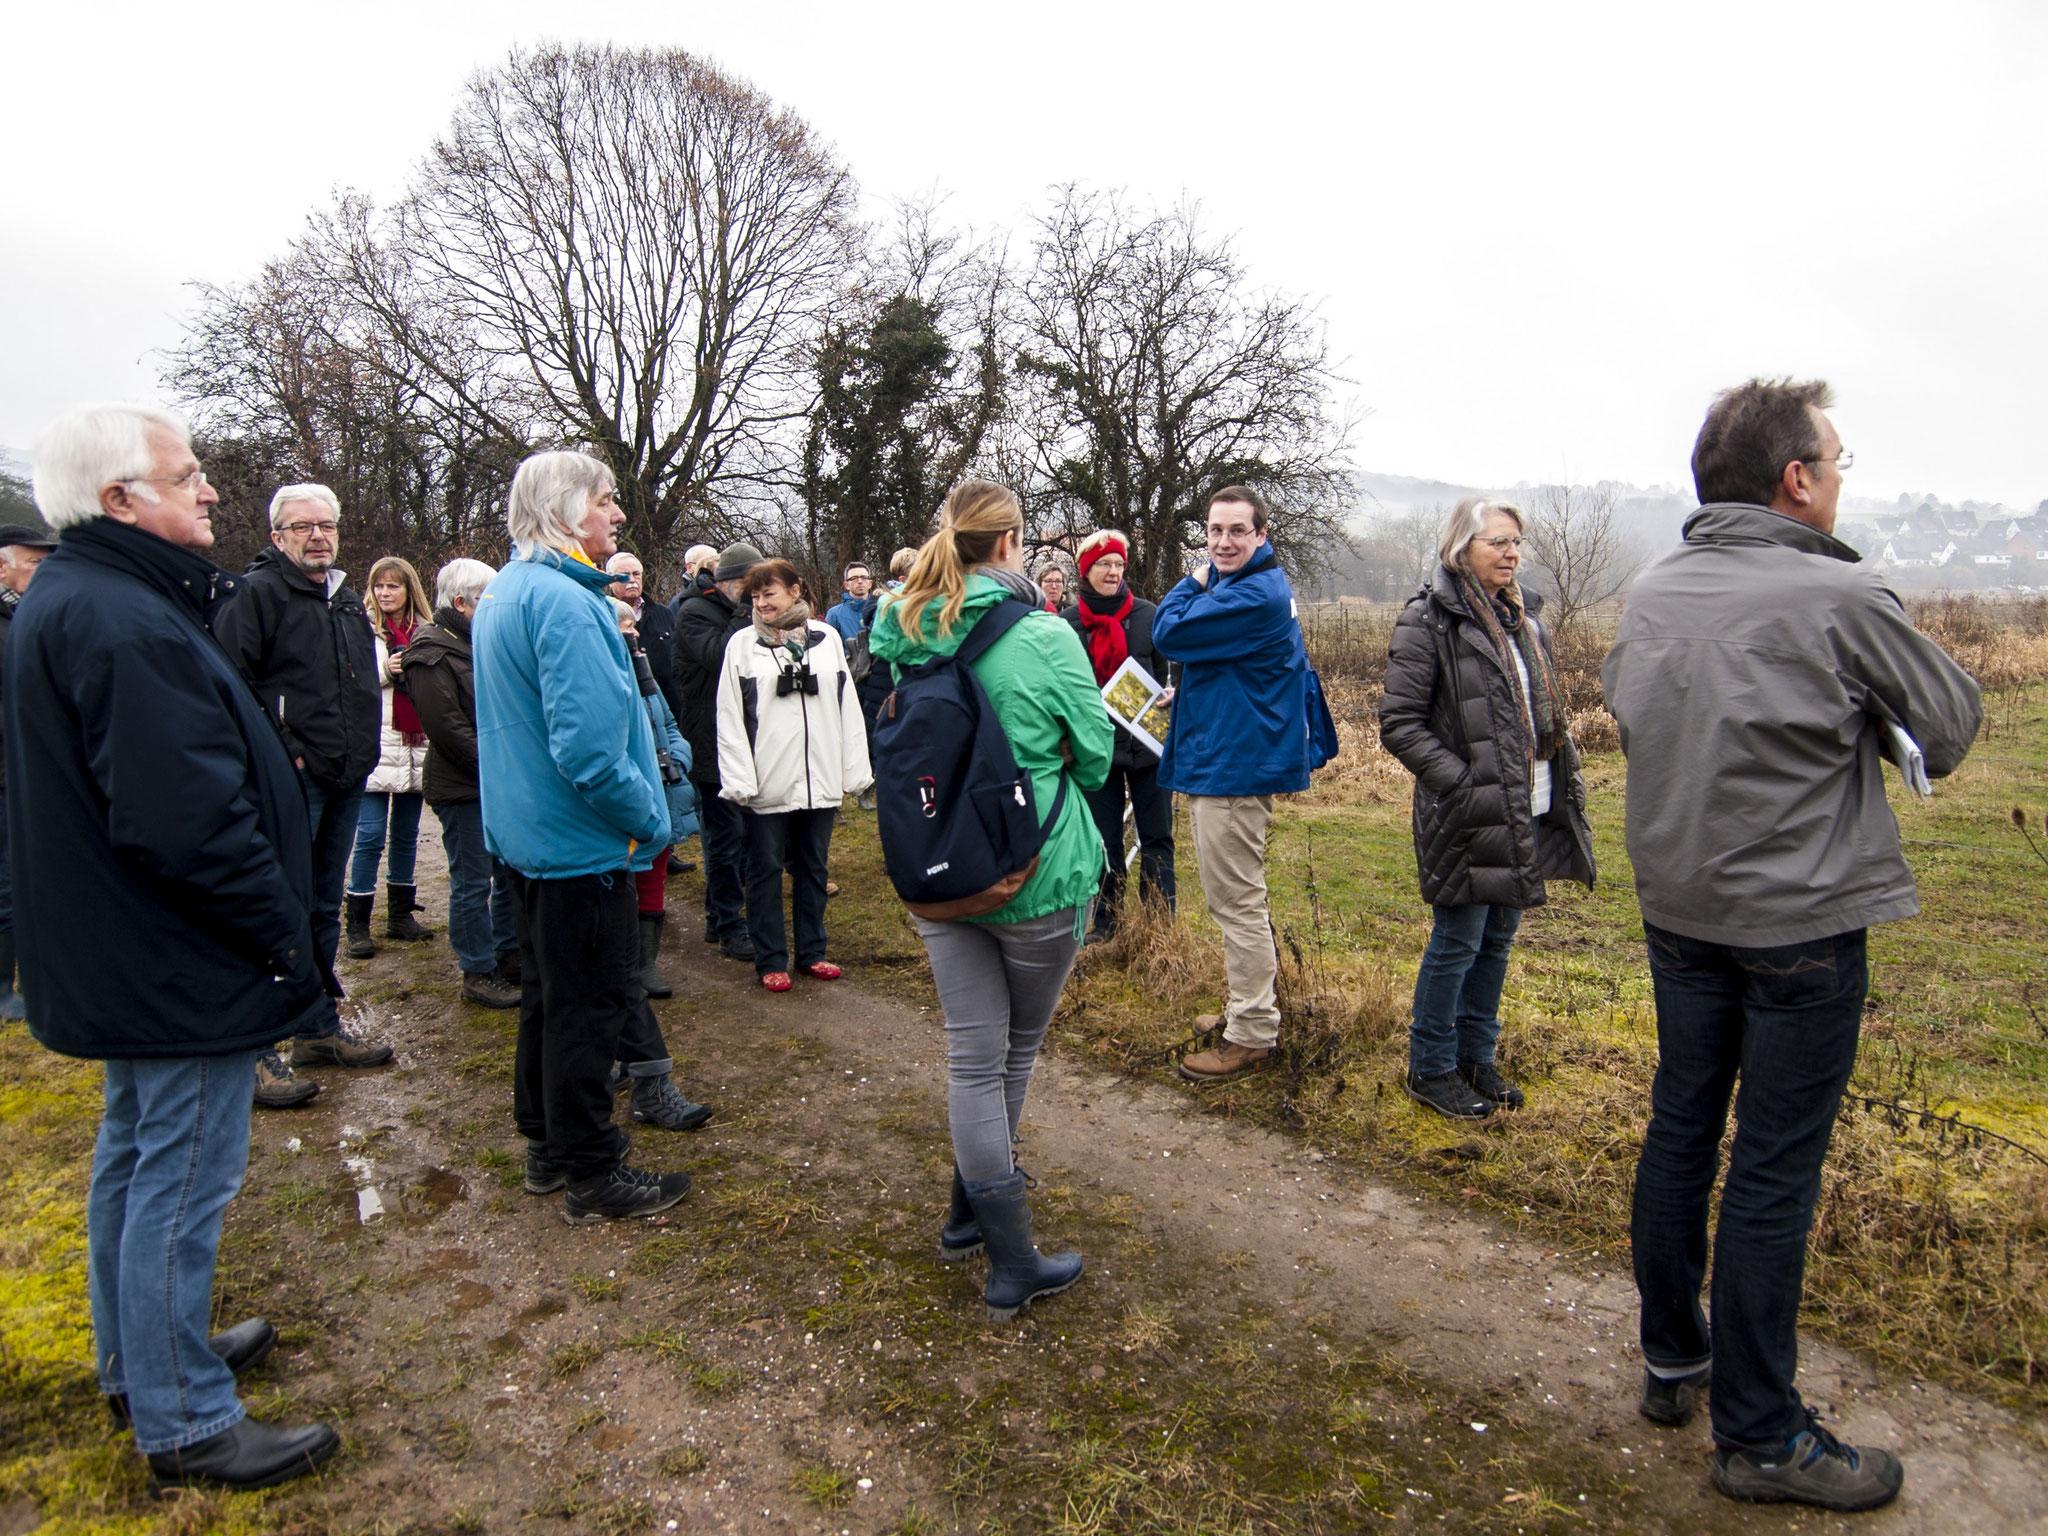 Am Stichweg erklärt Dr. Büscher den Teilnehmern das Beweidungskonzept.